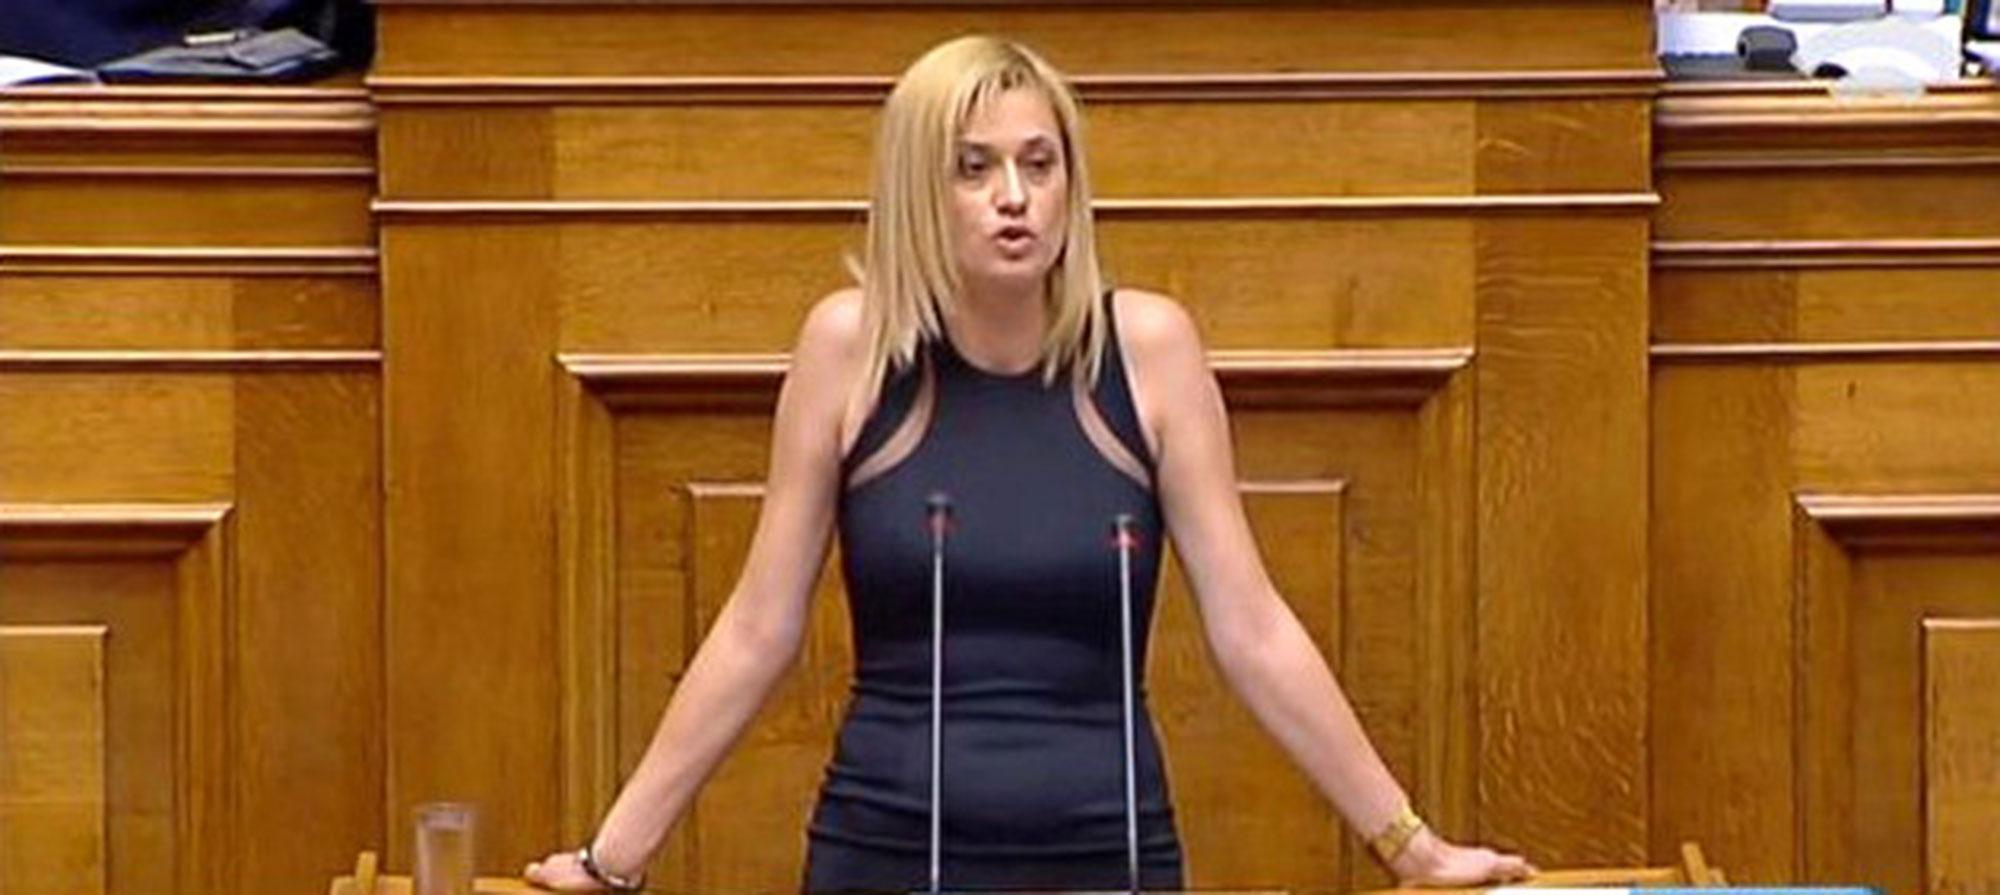 Ραχήλ Μακρή: «Το νομοσχέδιο για την αλλαγή φύλου πέρασε, επειδή απείχαν βουλευτές από την ψηφοφορία» | 14.10.2017